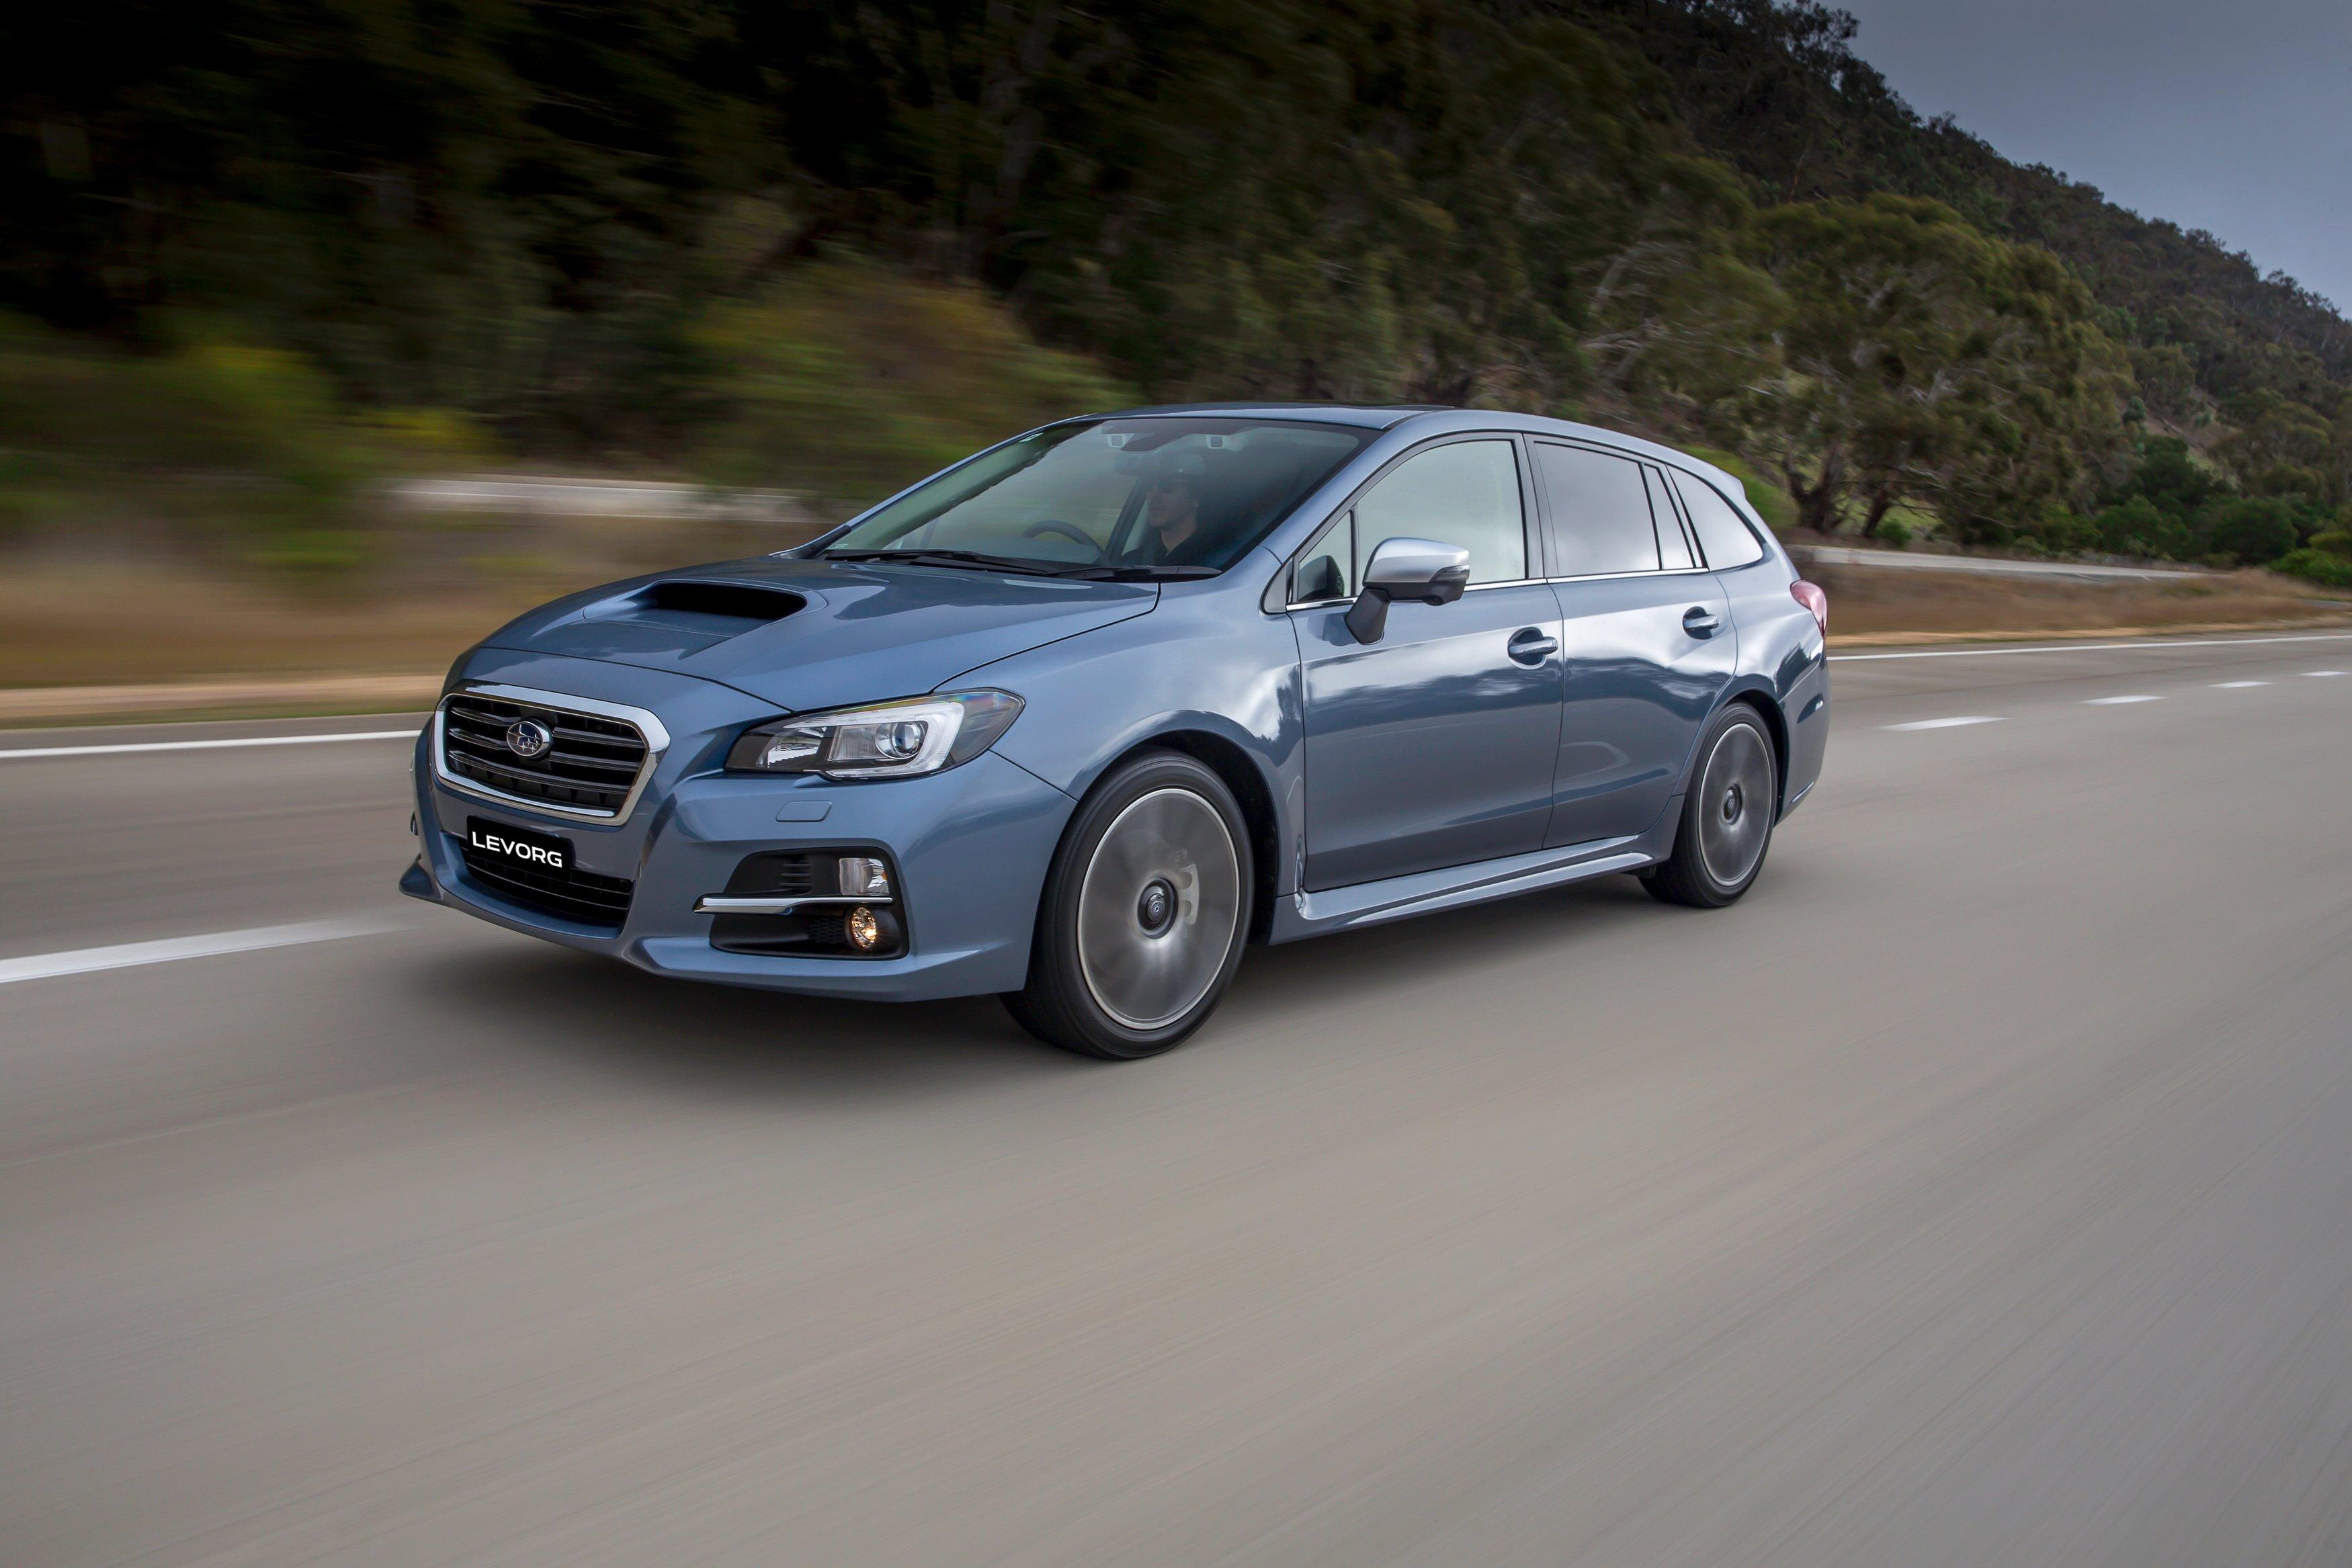 2016 Subaru Levorg Review | CarAdvice